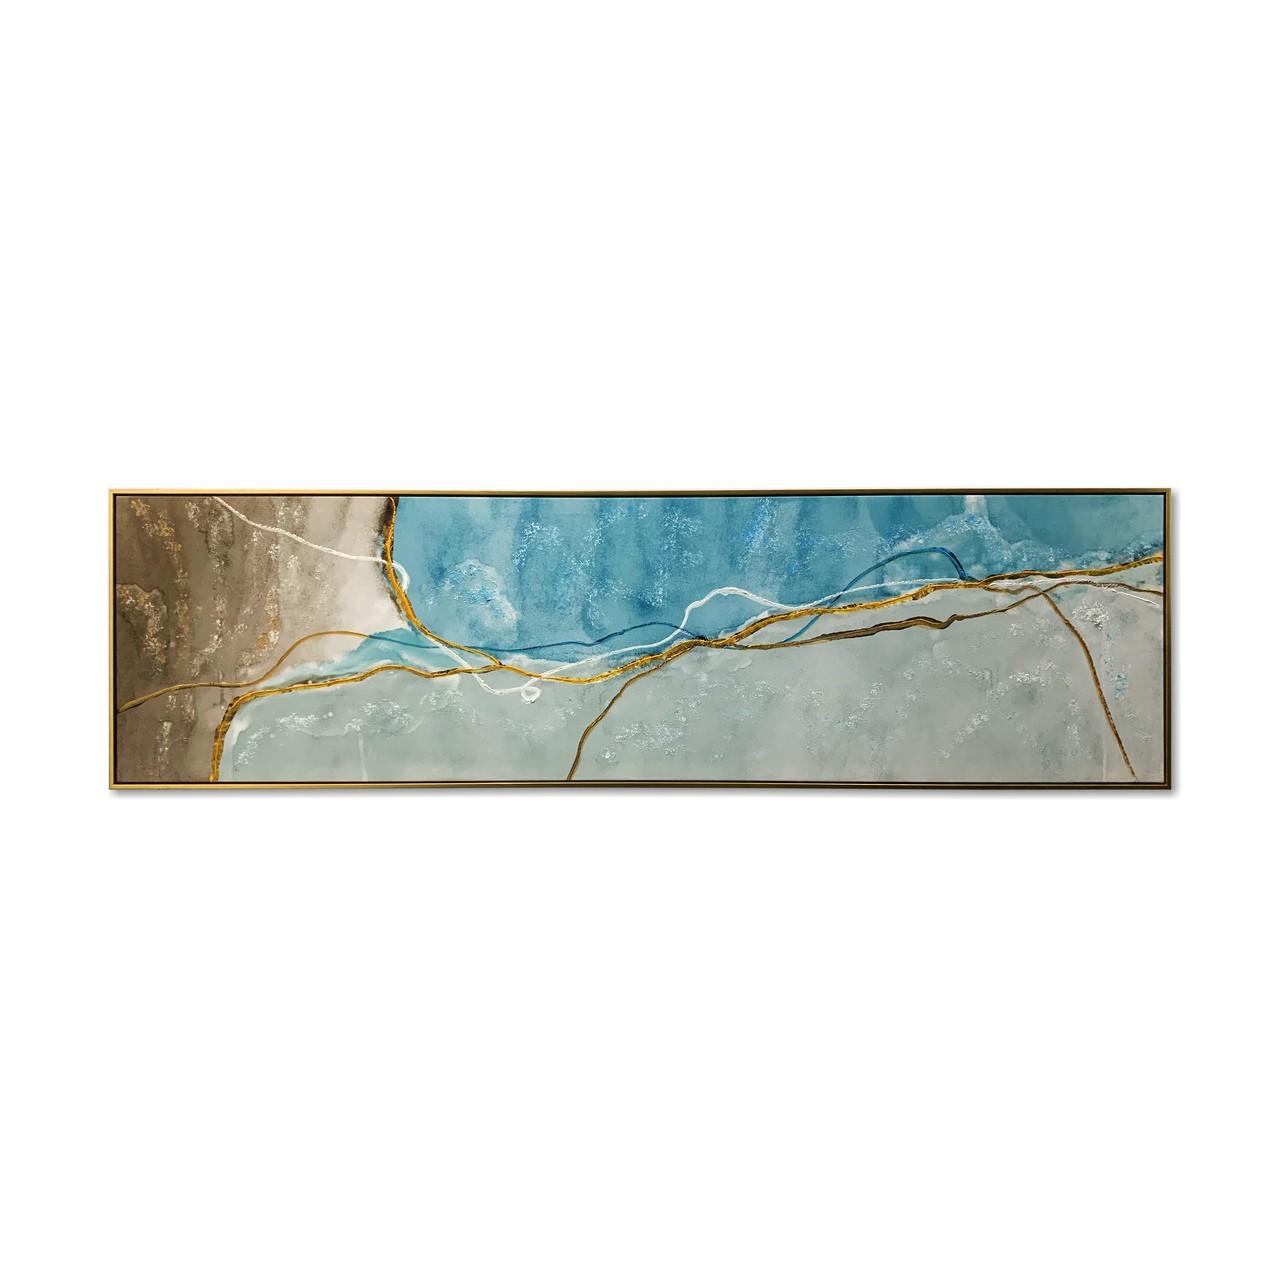 Quadro Decor Abstrato Veios dourados Sobre Azul